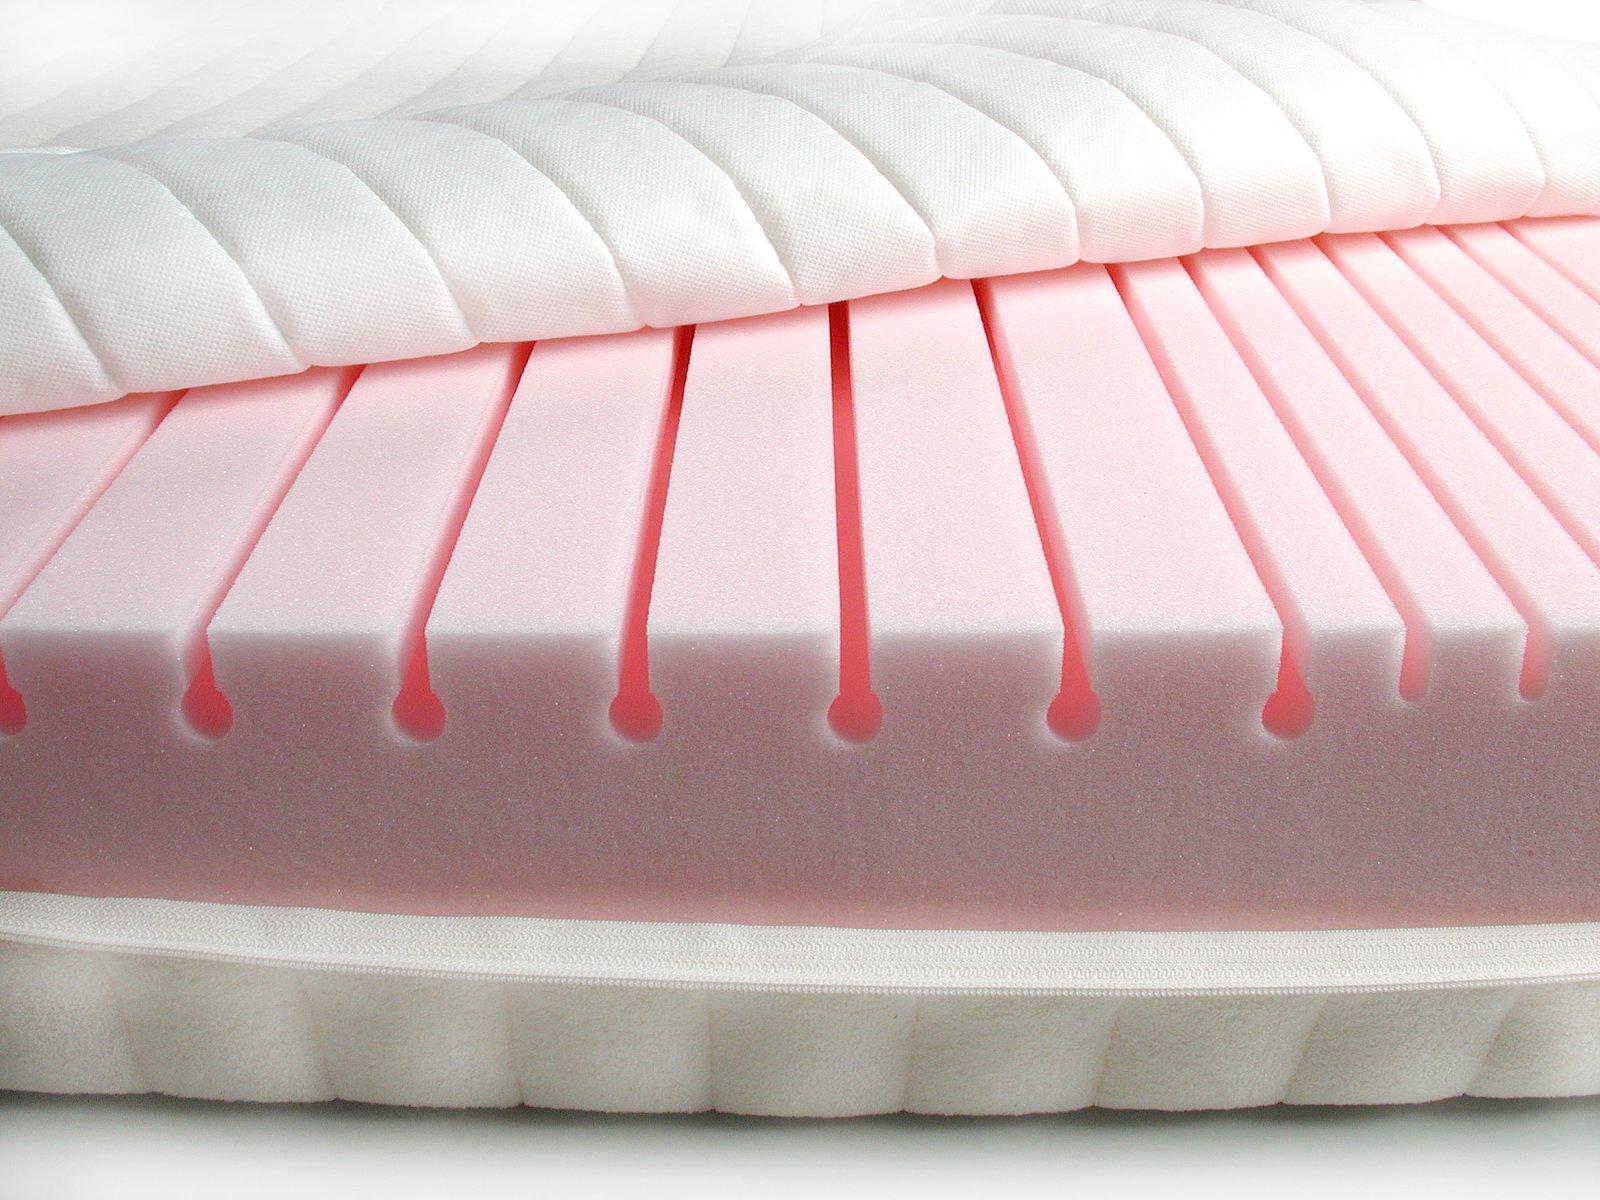 E' vero che i materassi in poliuretano sono tossici?